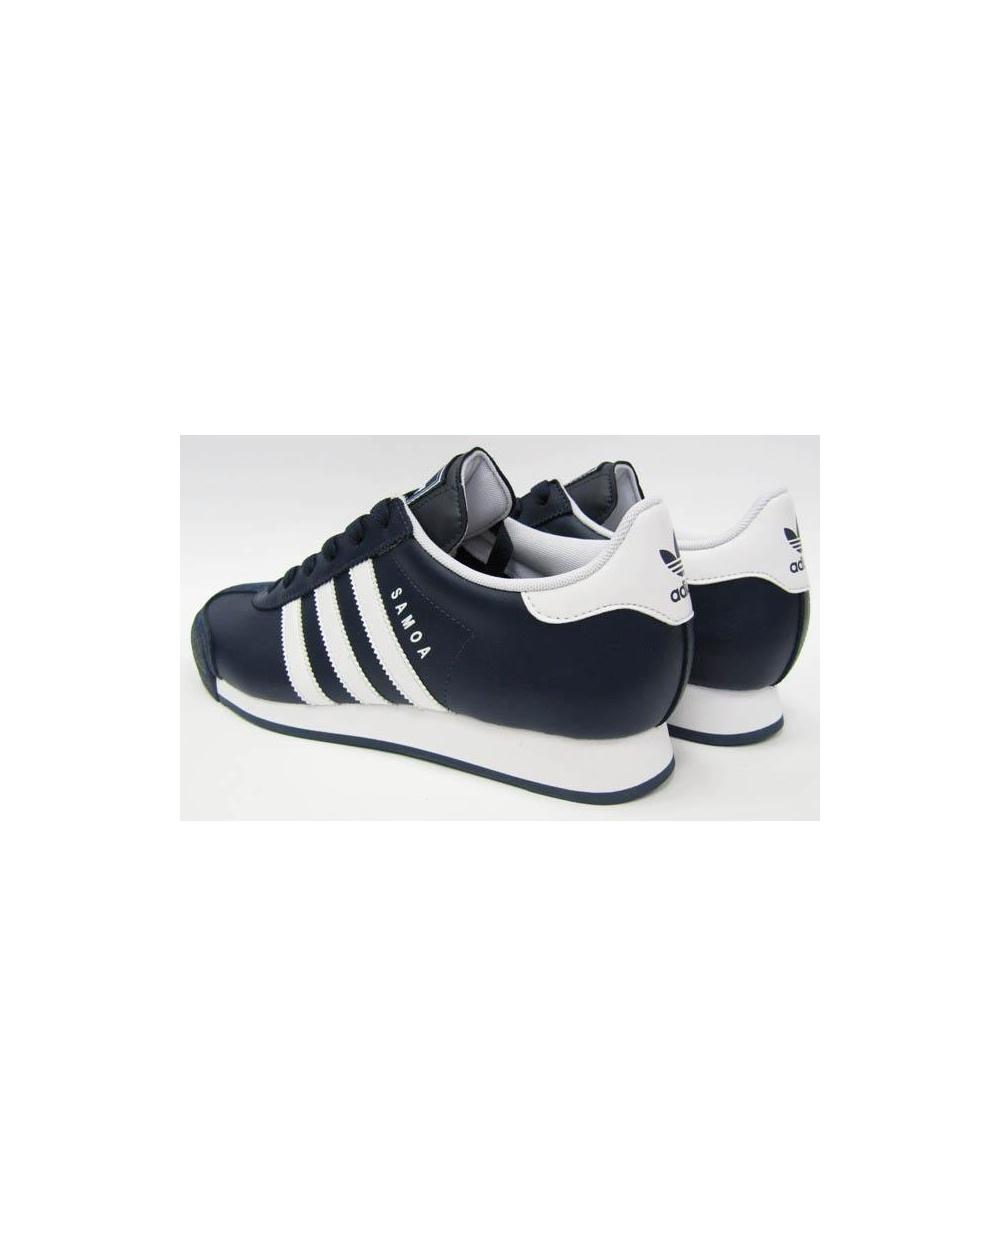 adidas samoa trainers uk